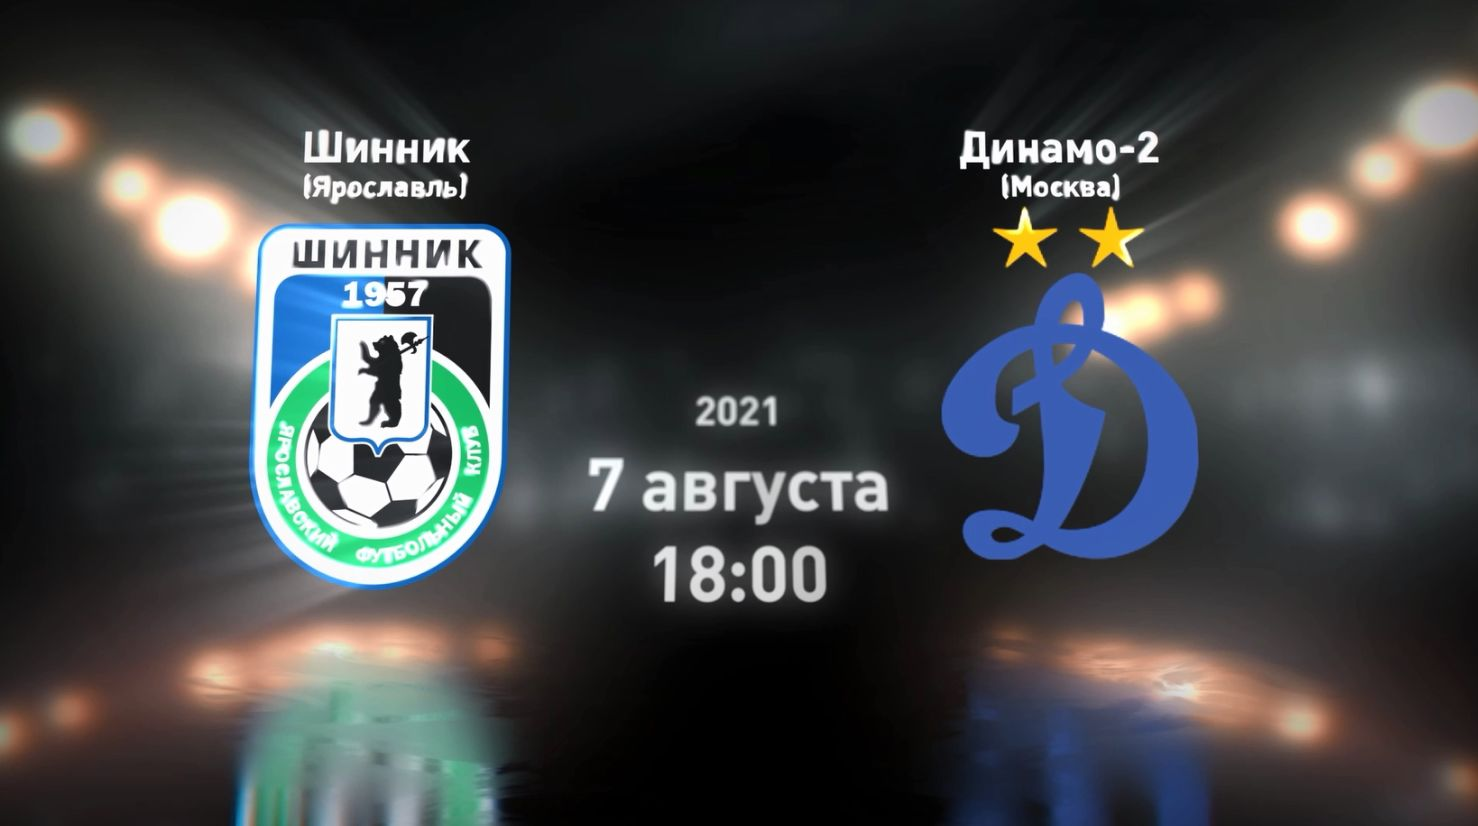 Семейные выходные 7 августа: в Рыбинске – День города, в Ярославле – футбол!